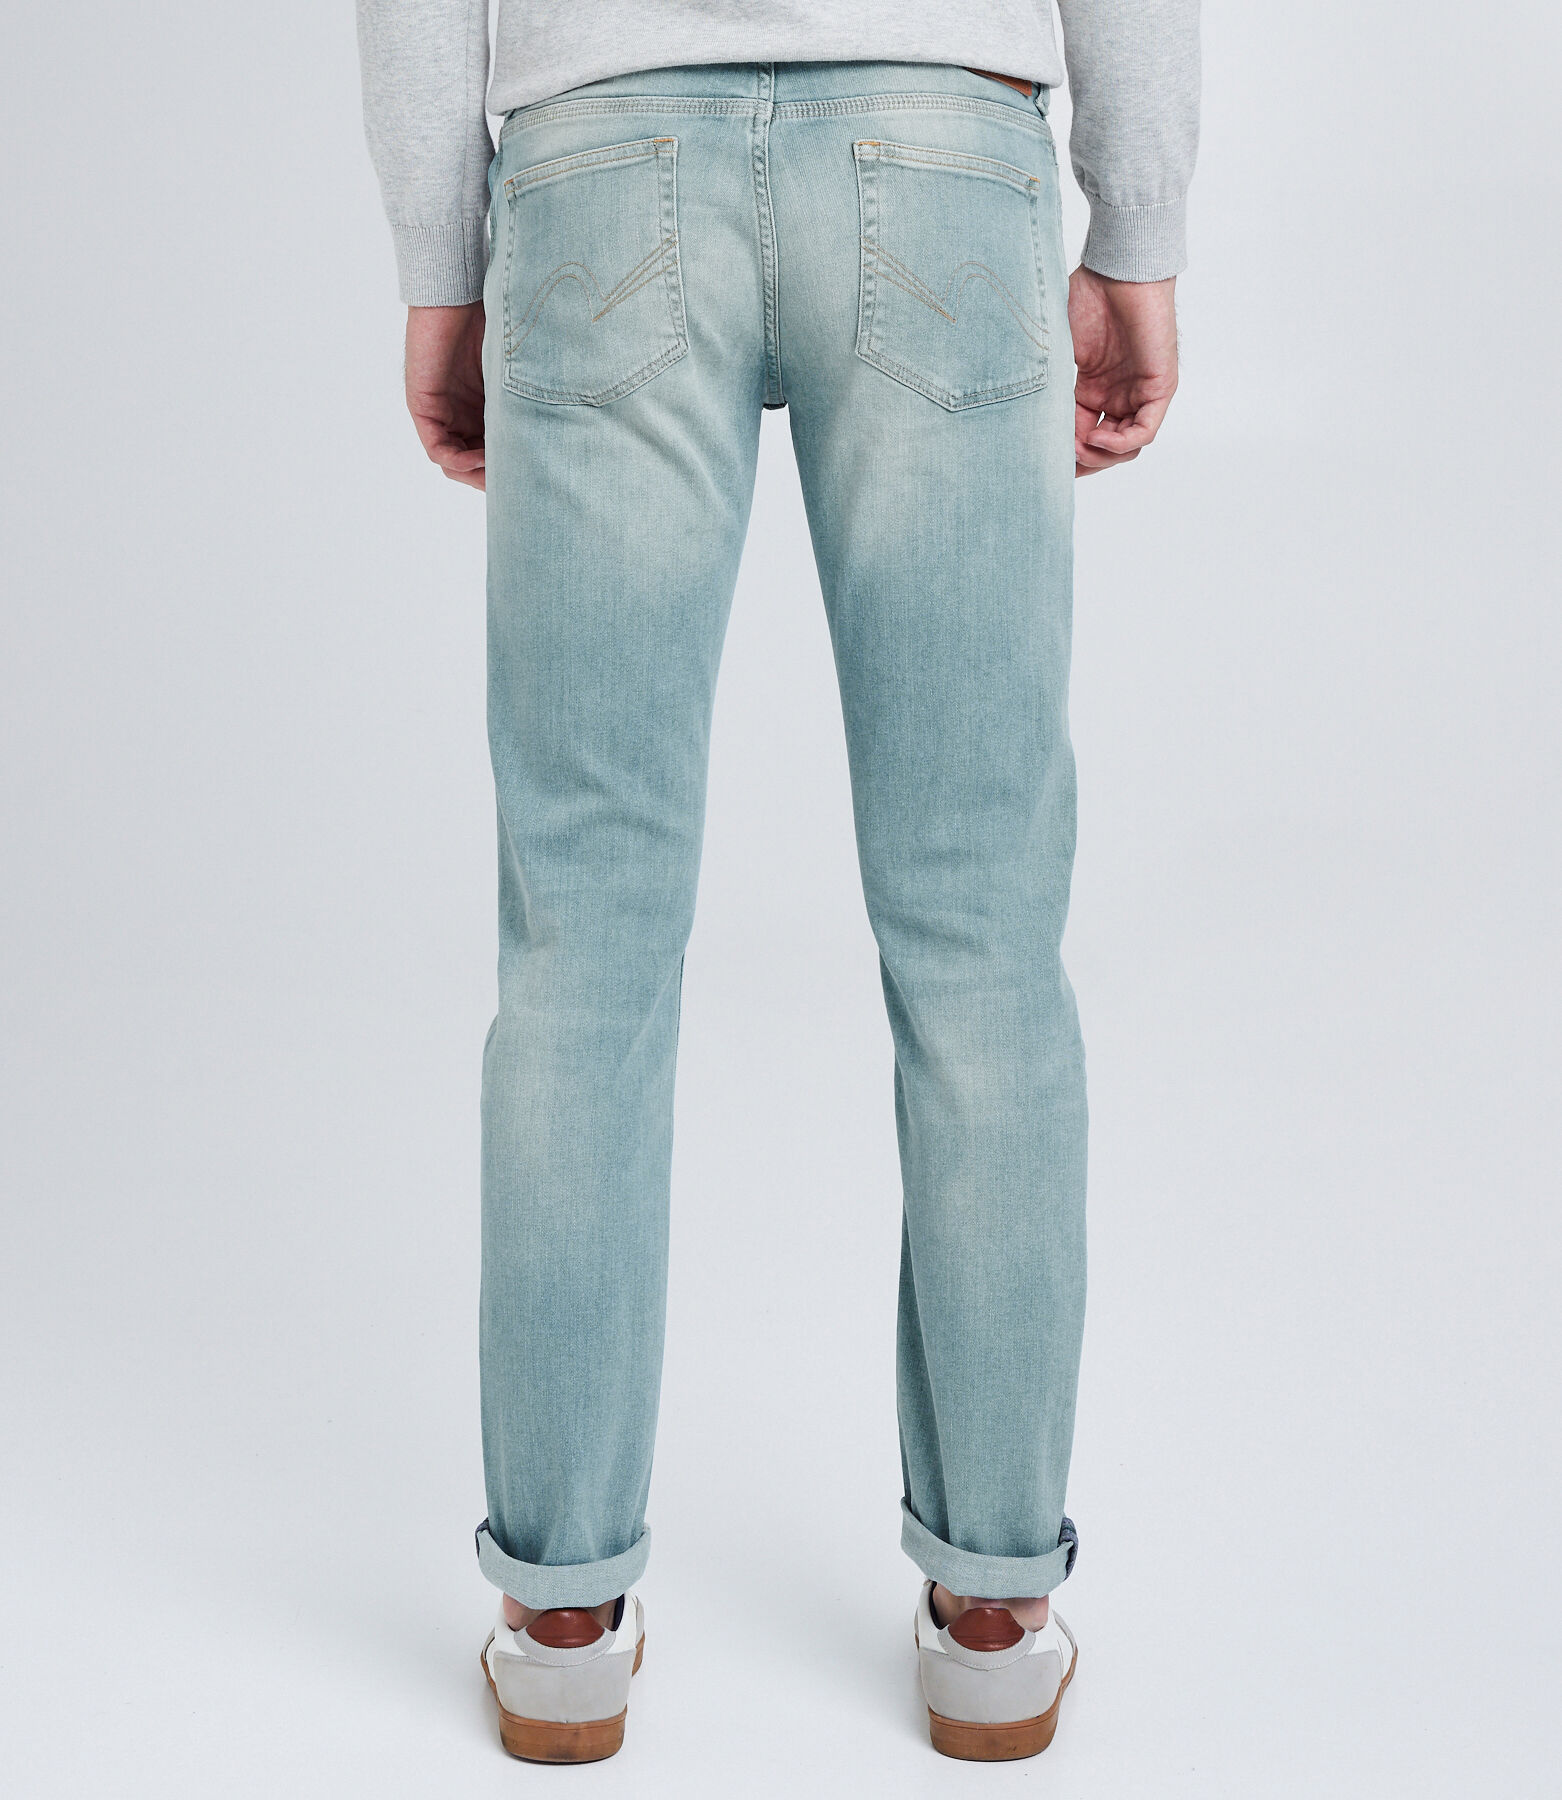 Jean Straight 5 poches bleu verdi